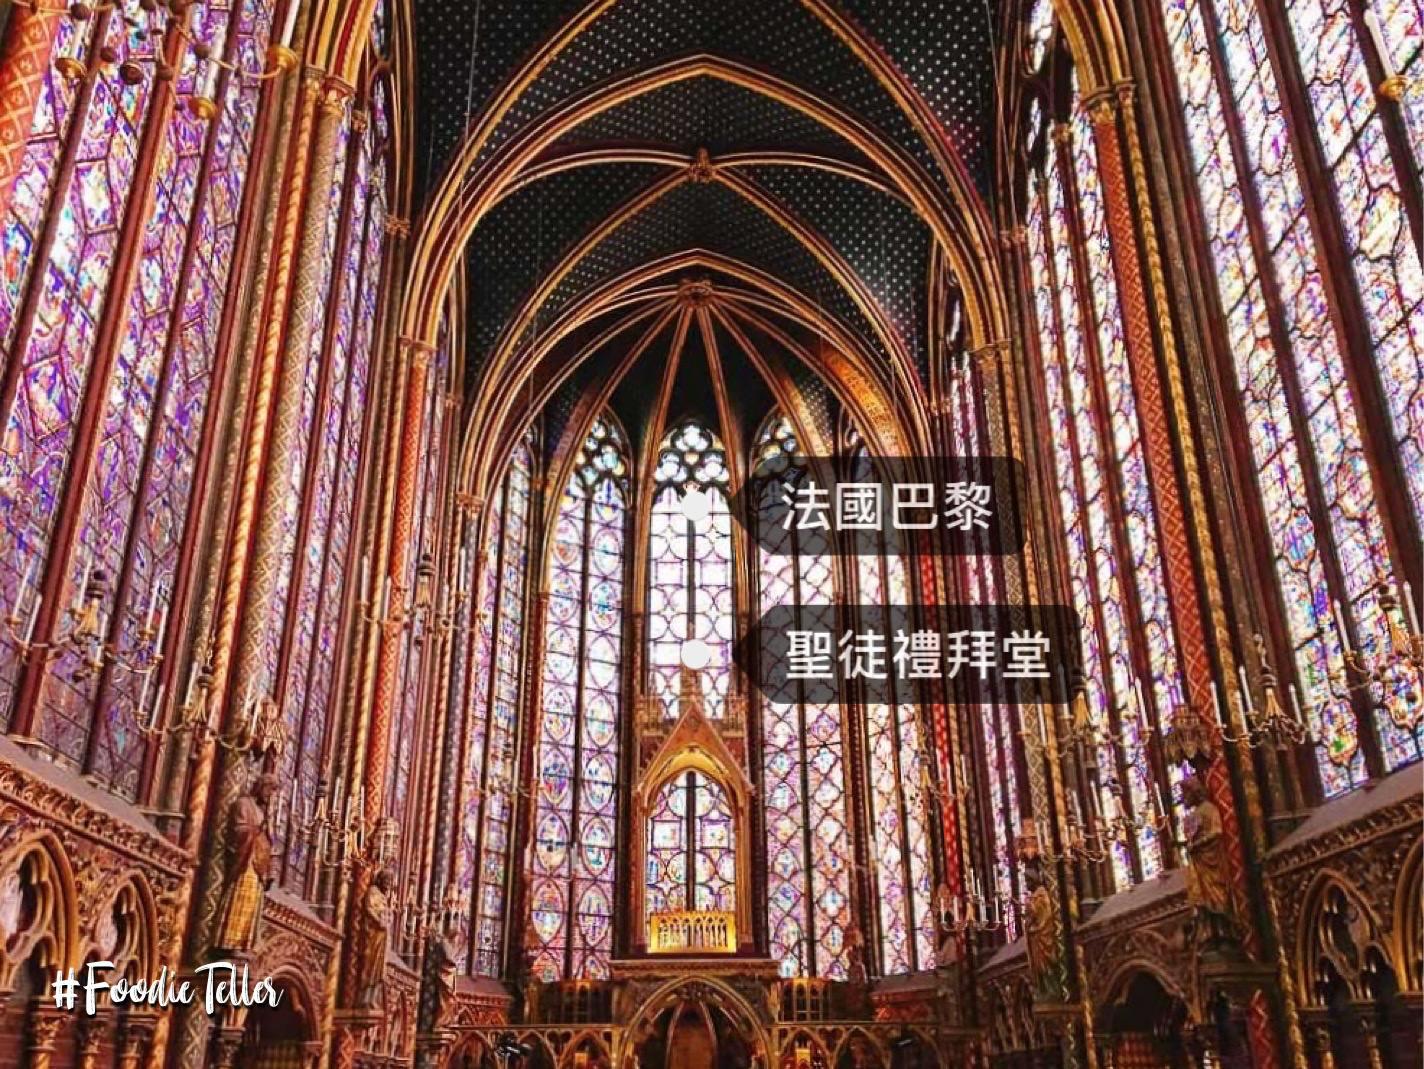 法國巴黎聖徒禮拜堂|全世界最美的歌德教堂之一超美彩繪玻璃 Sainte Chapelle!